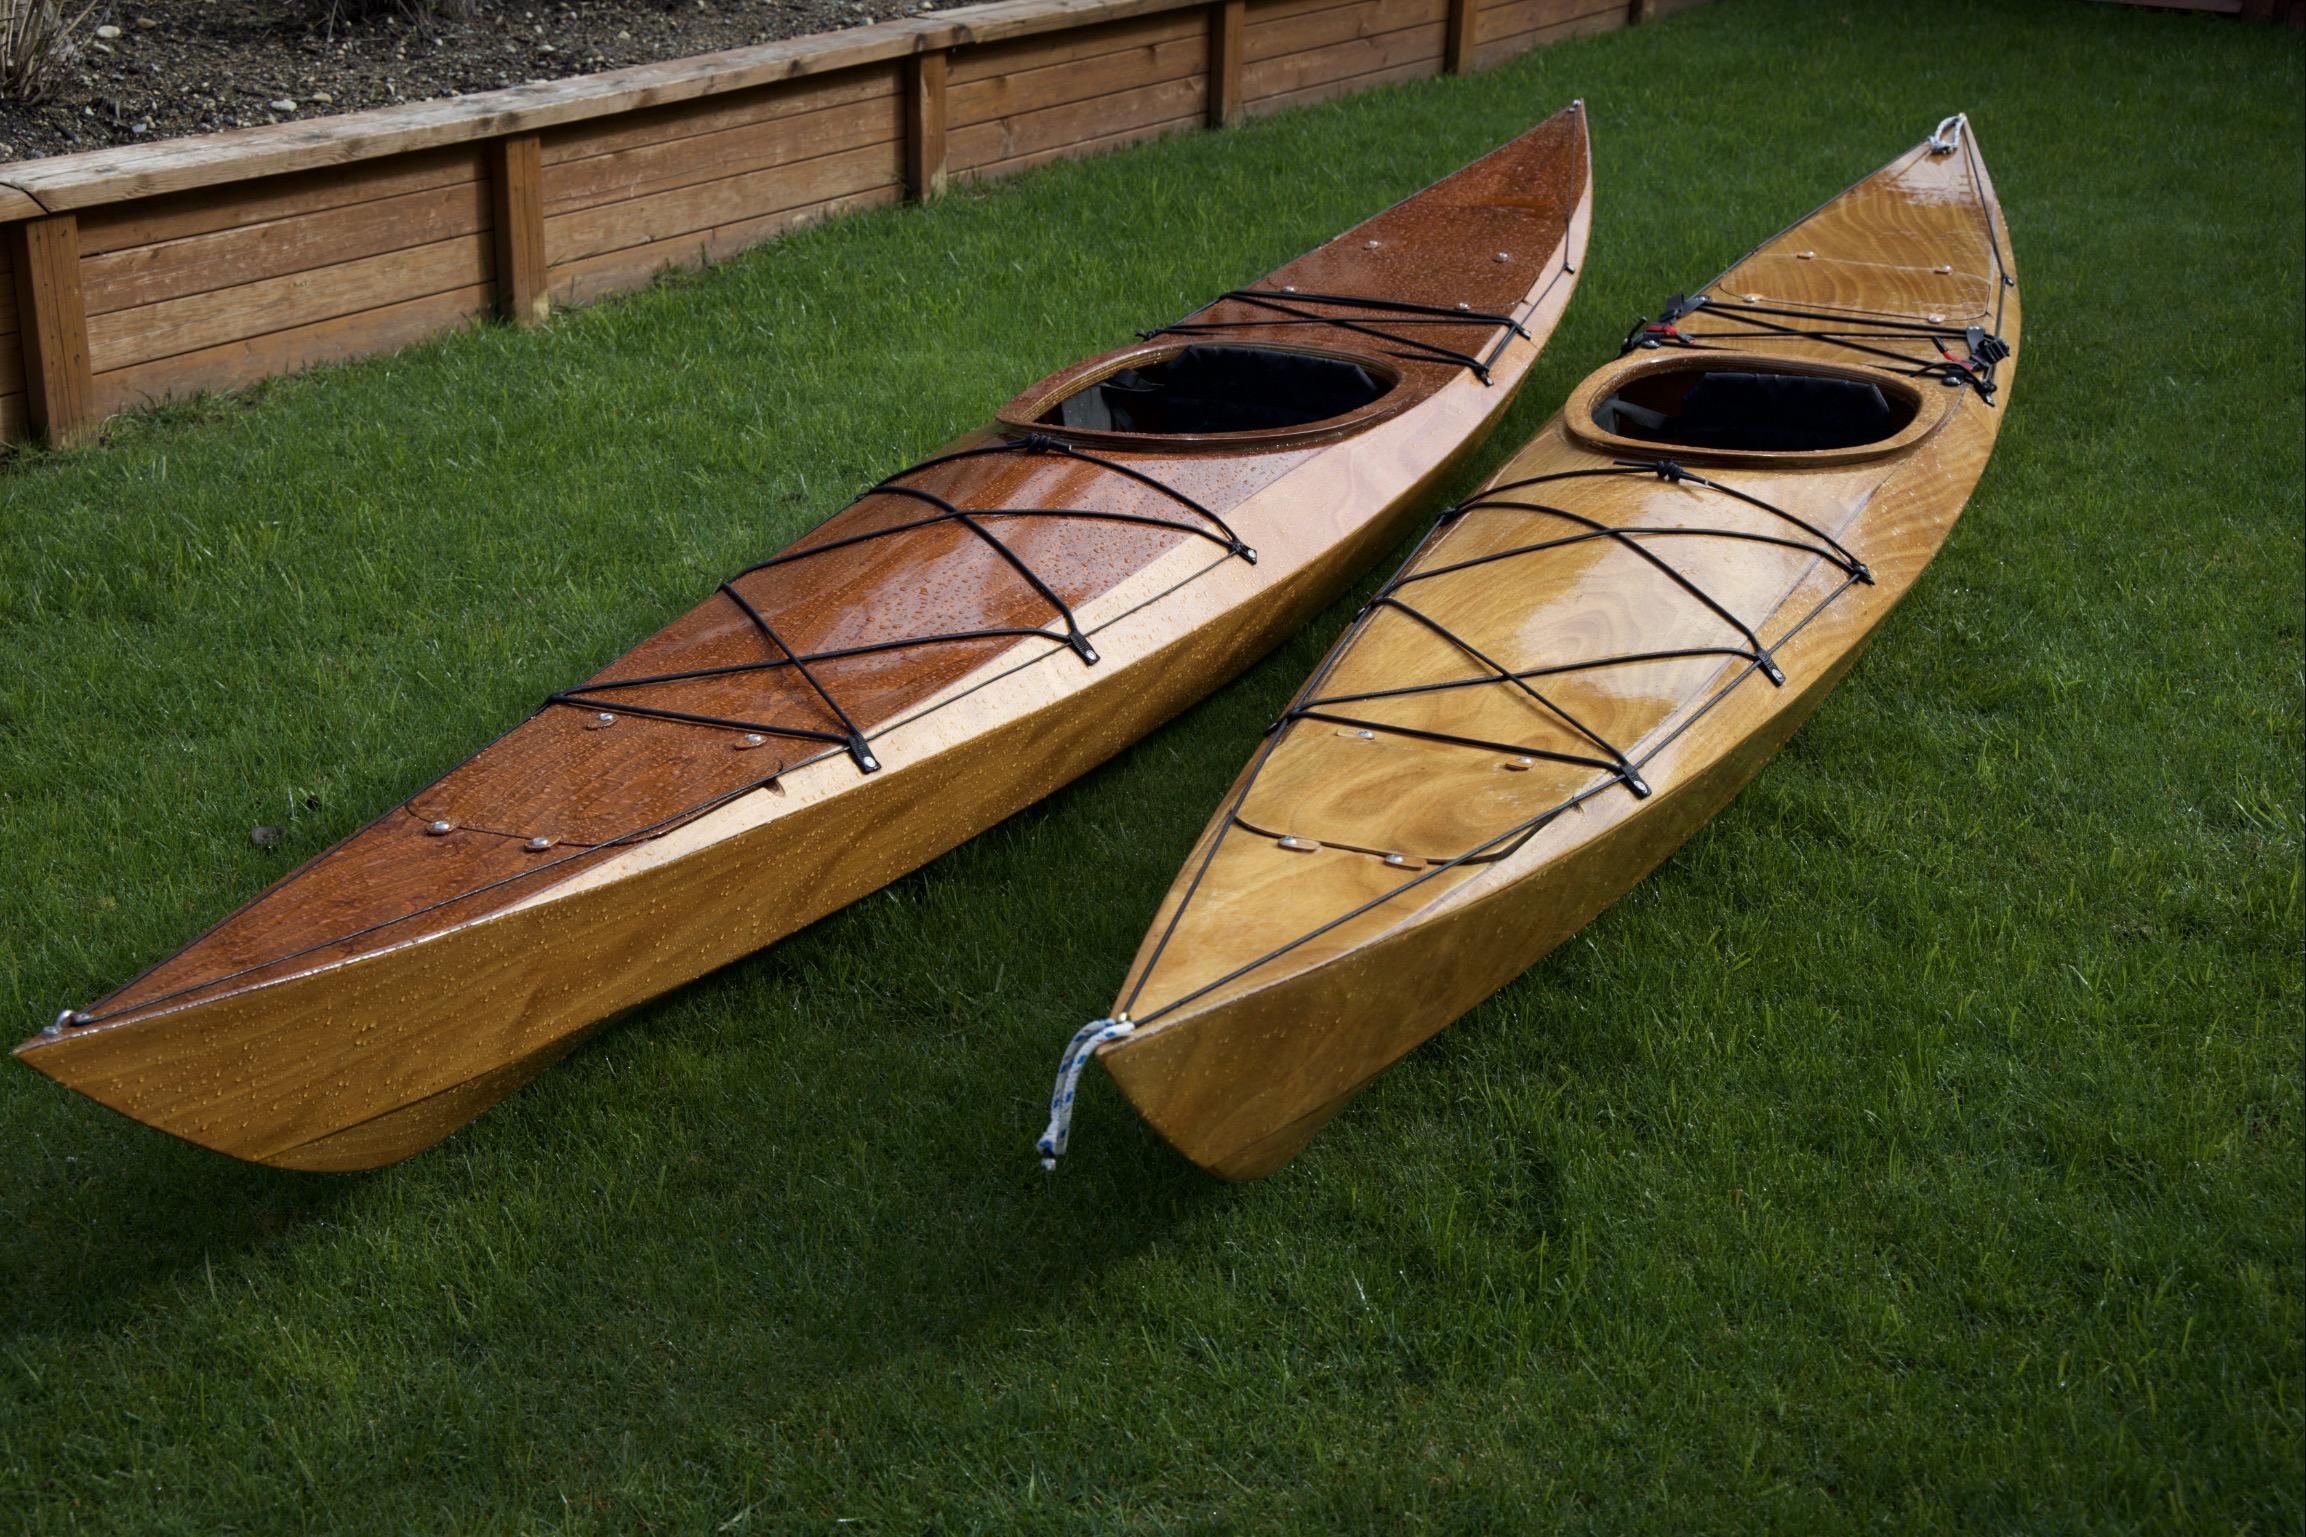 Shearwater Sport Kayaks